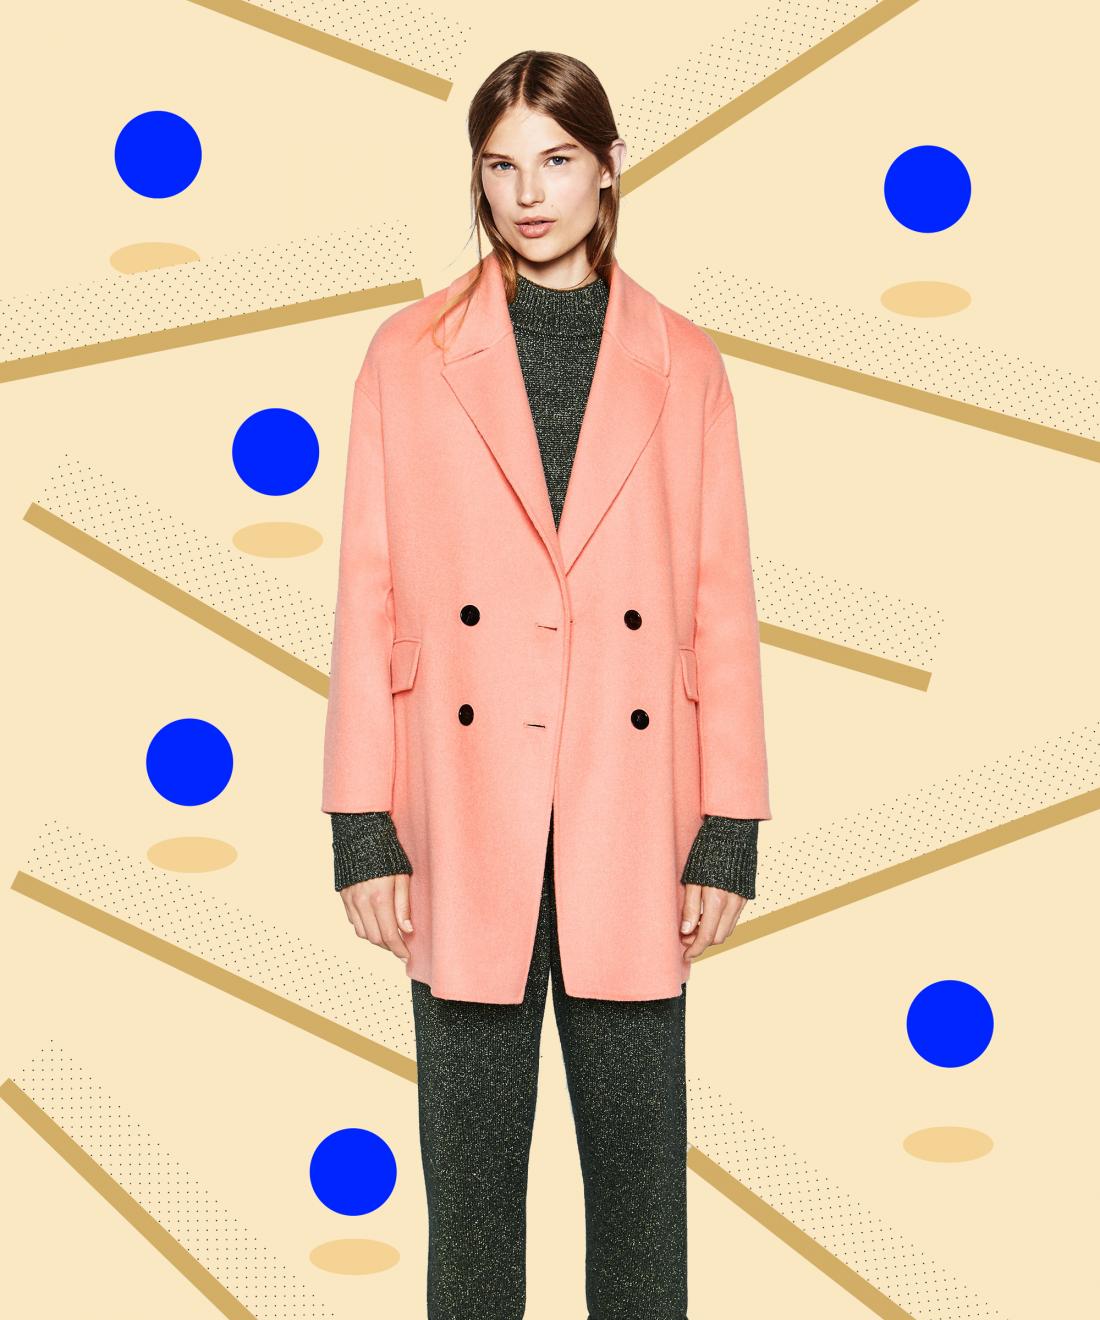 Зимнее пальто должно быть долговечным и комфортным